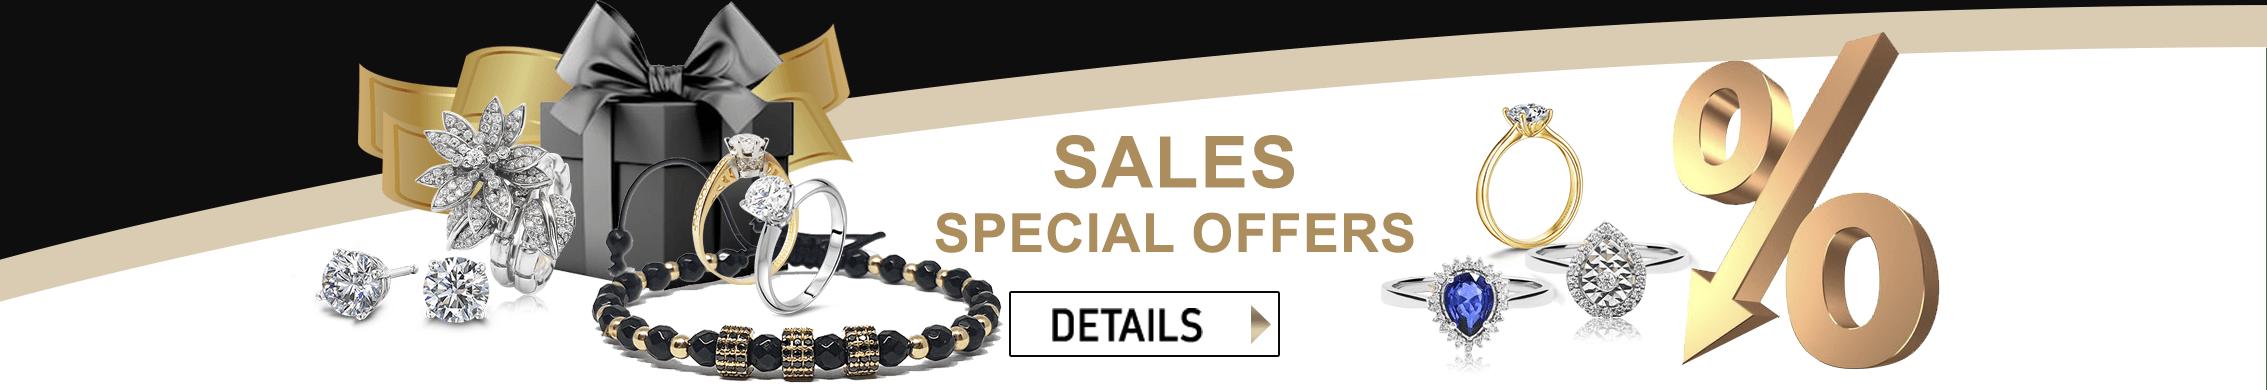 promo-price-sales-2019-min